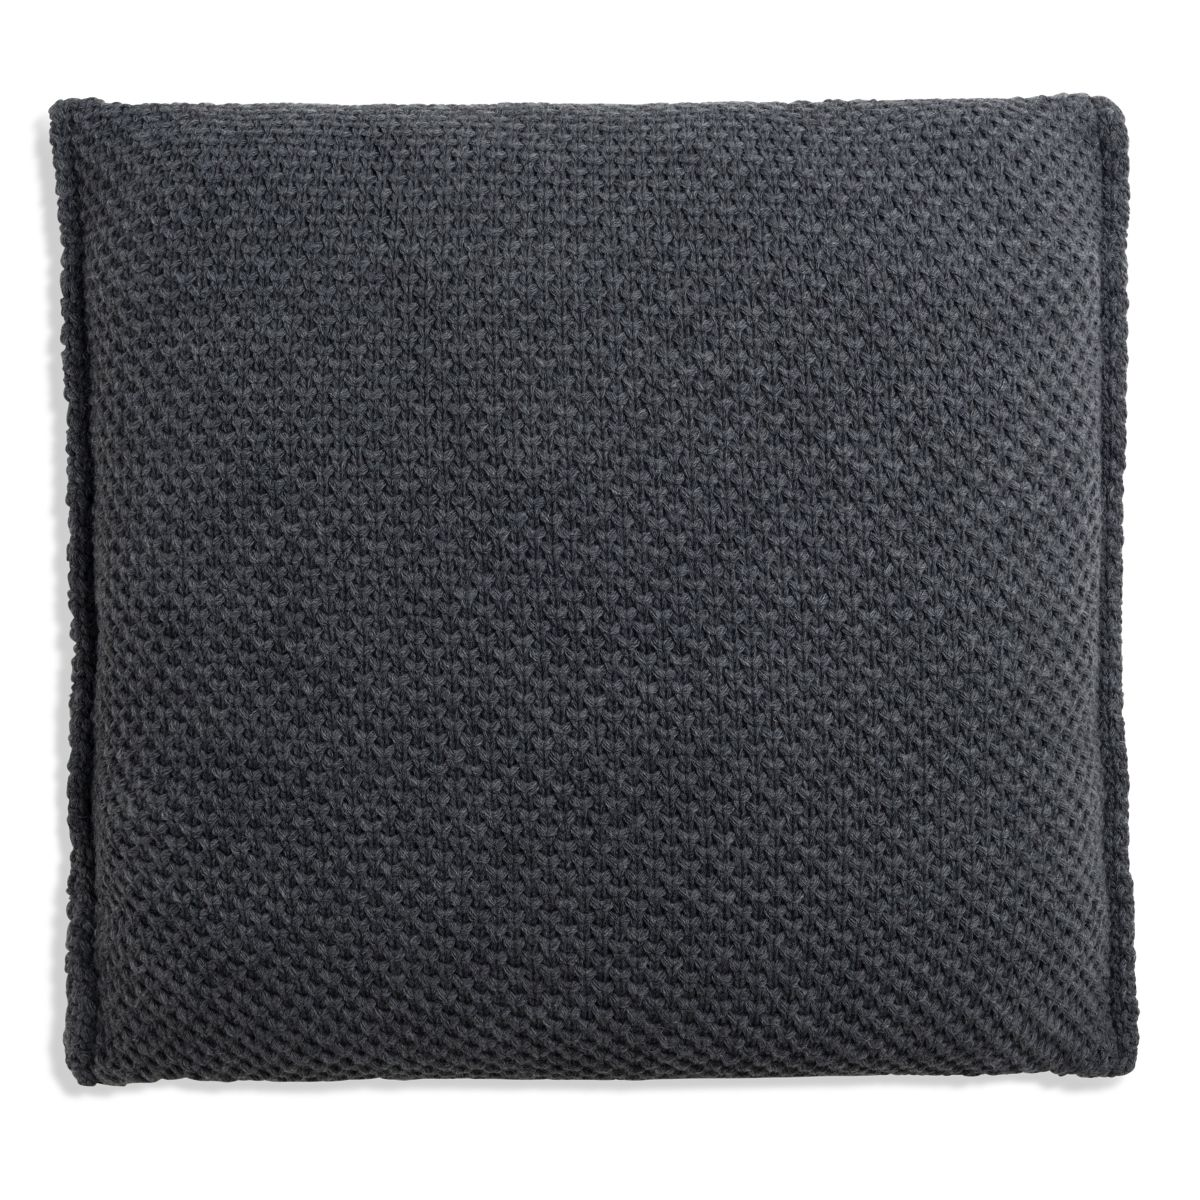 lynn cushion anthracite 50x50